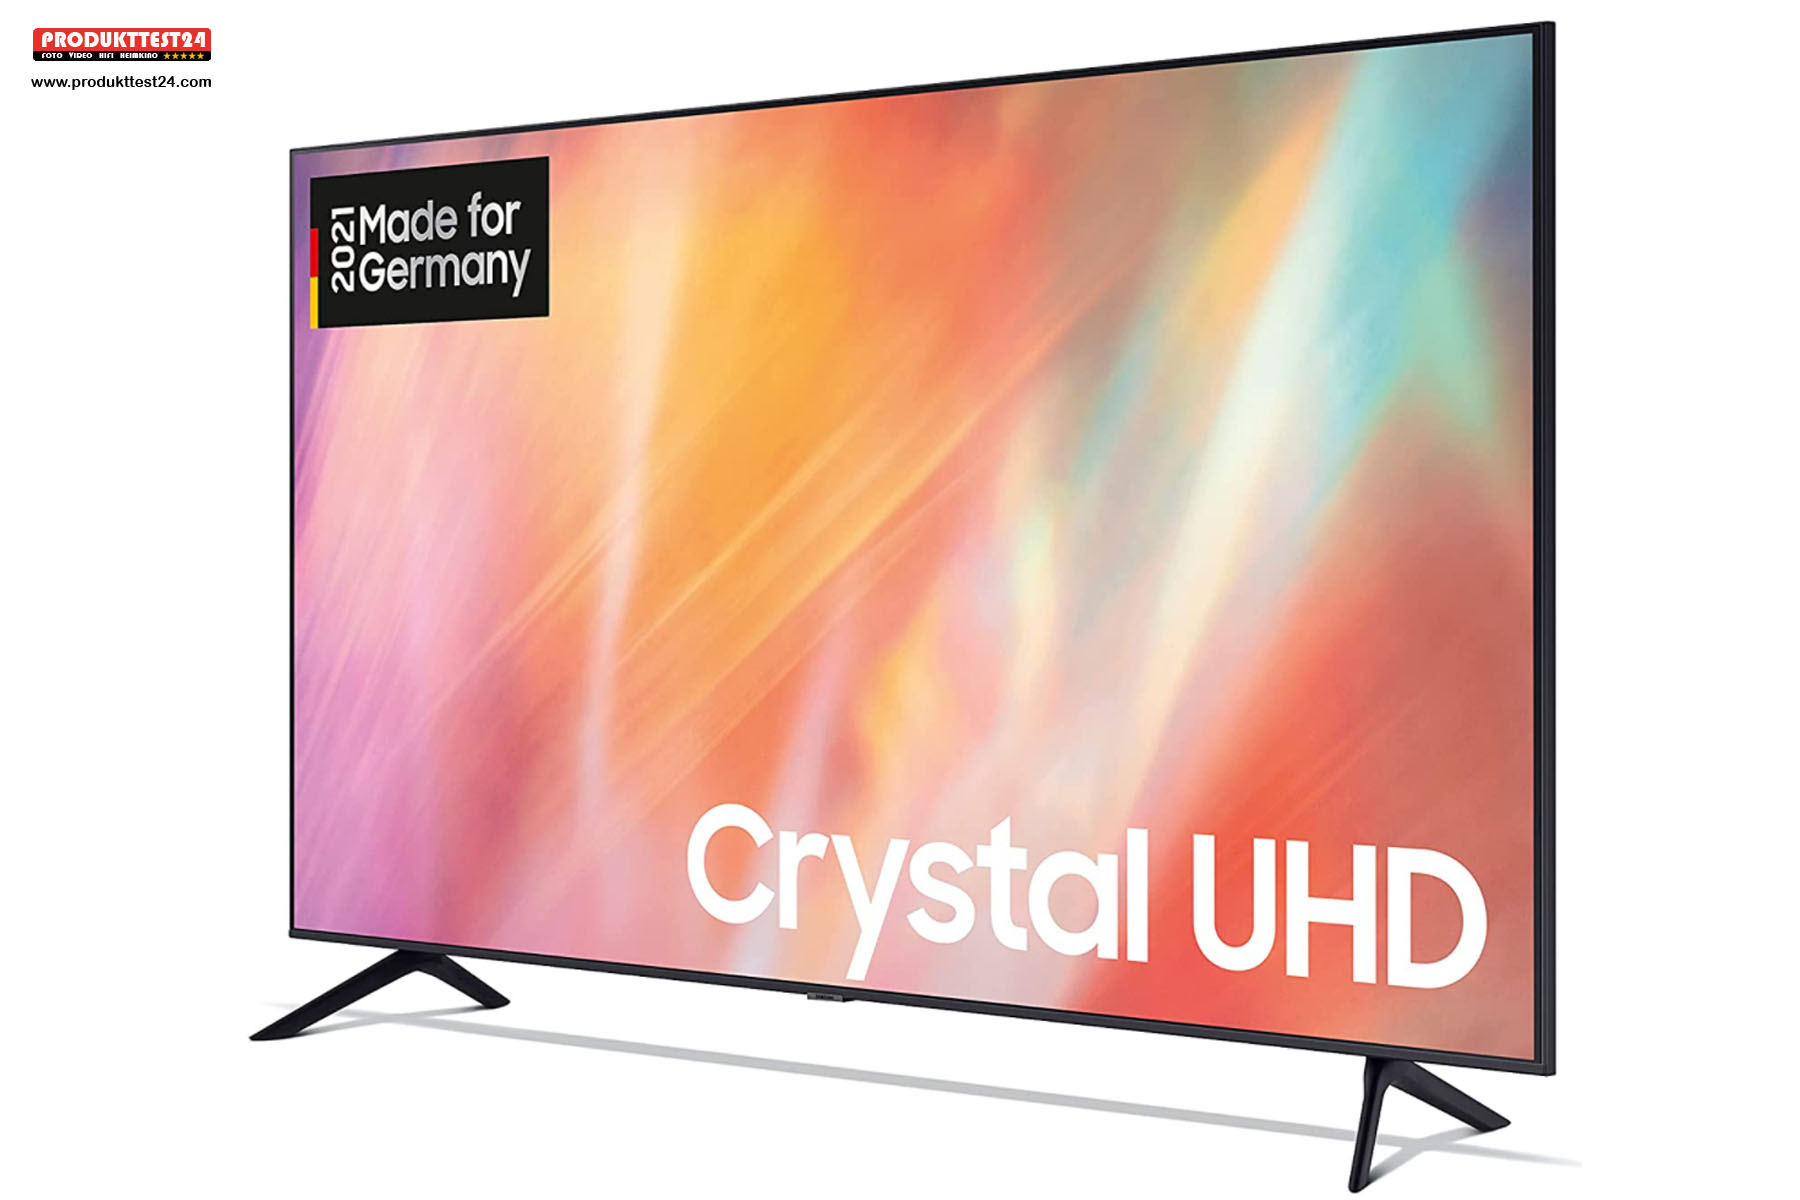 Der günstige 65 Zoll Fernseher aus dem Hause Samsung.